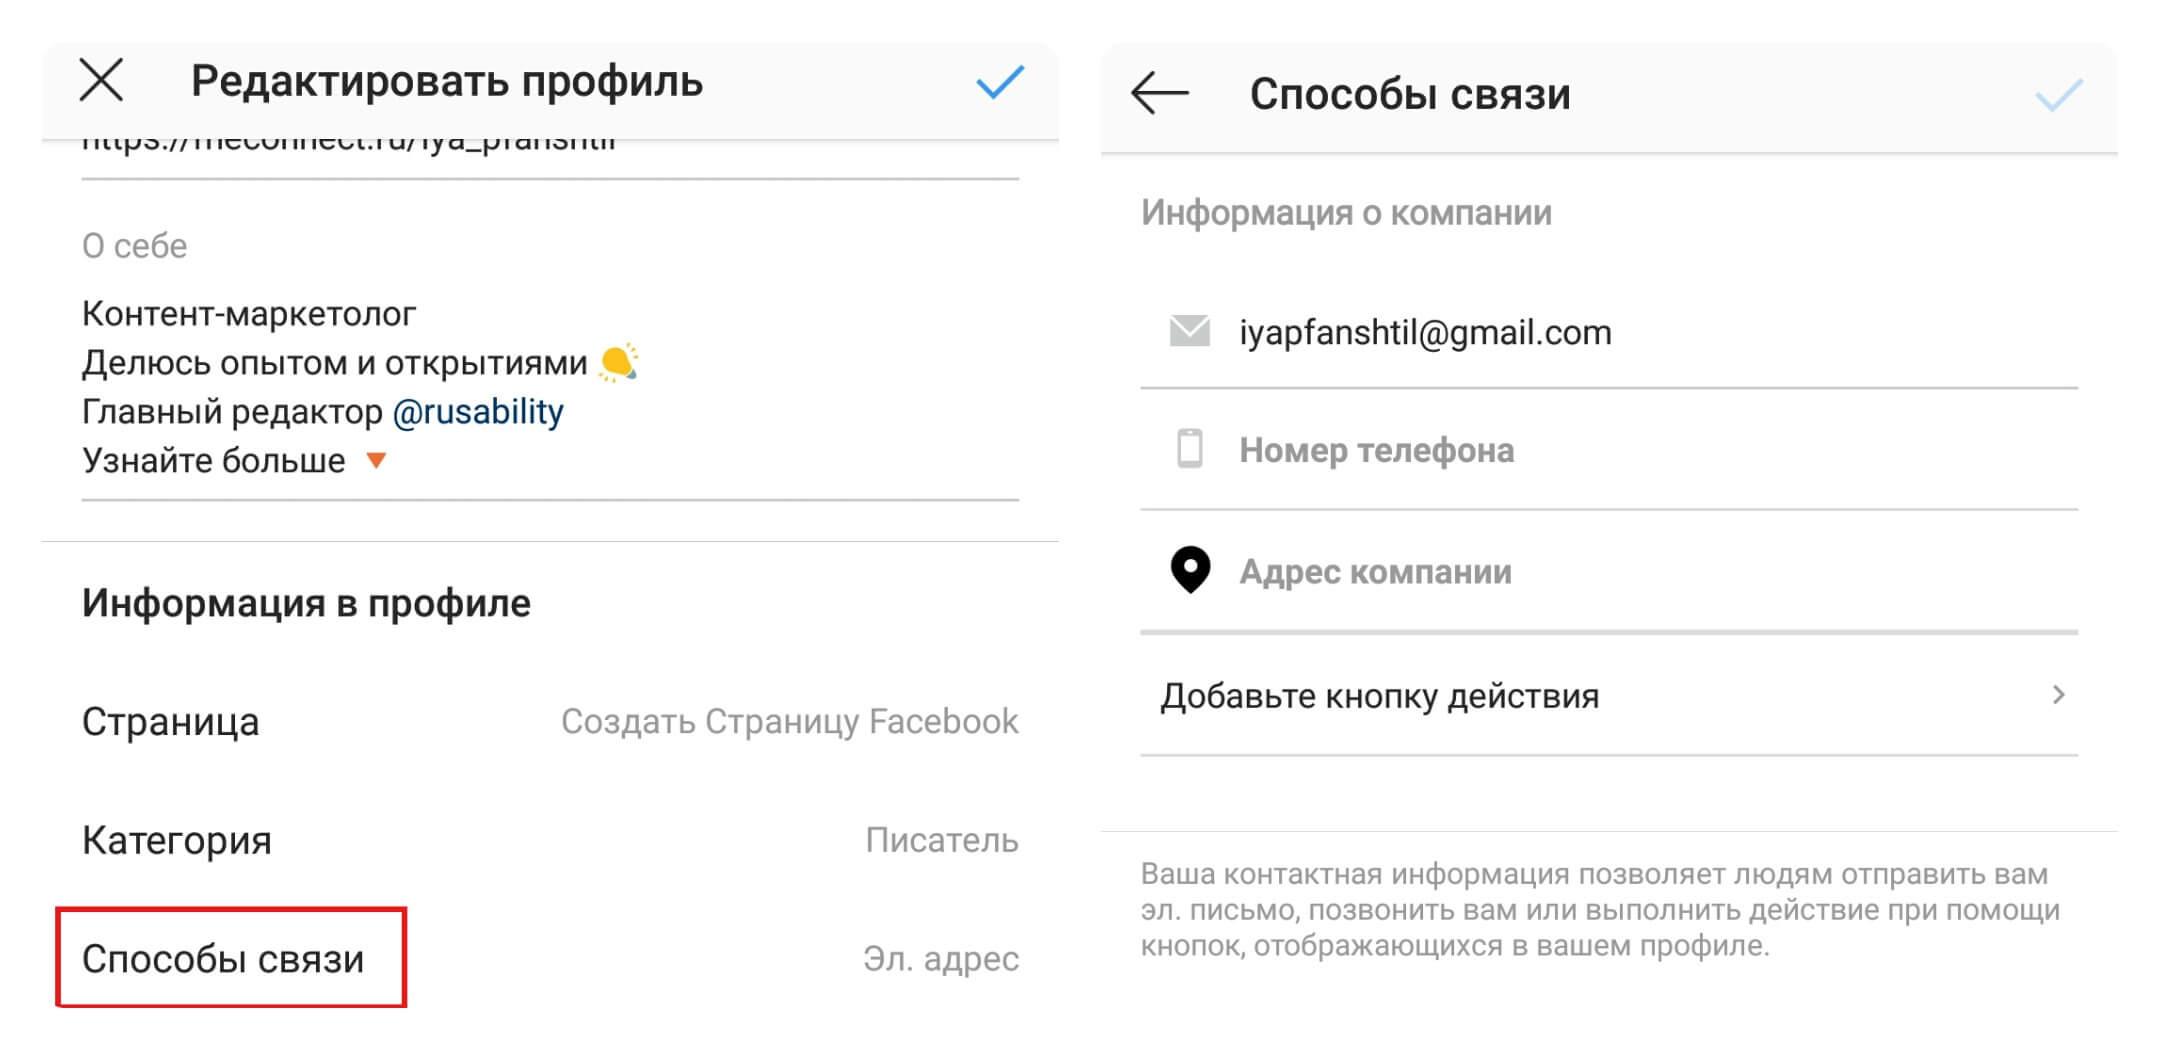 kak-dobavit-ssylku-v-instagram-9-sposobov-3